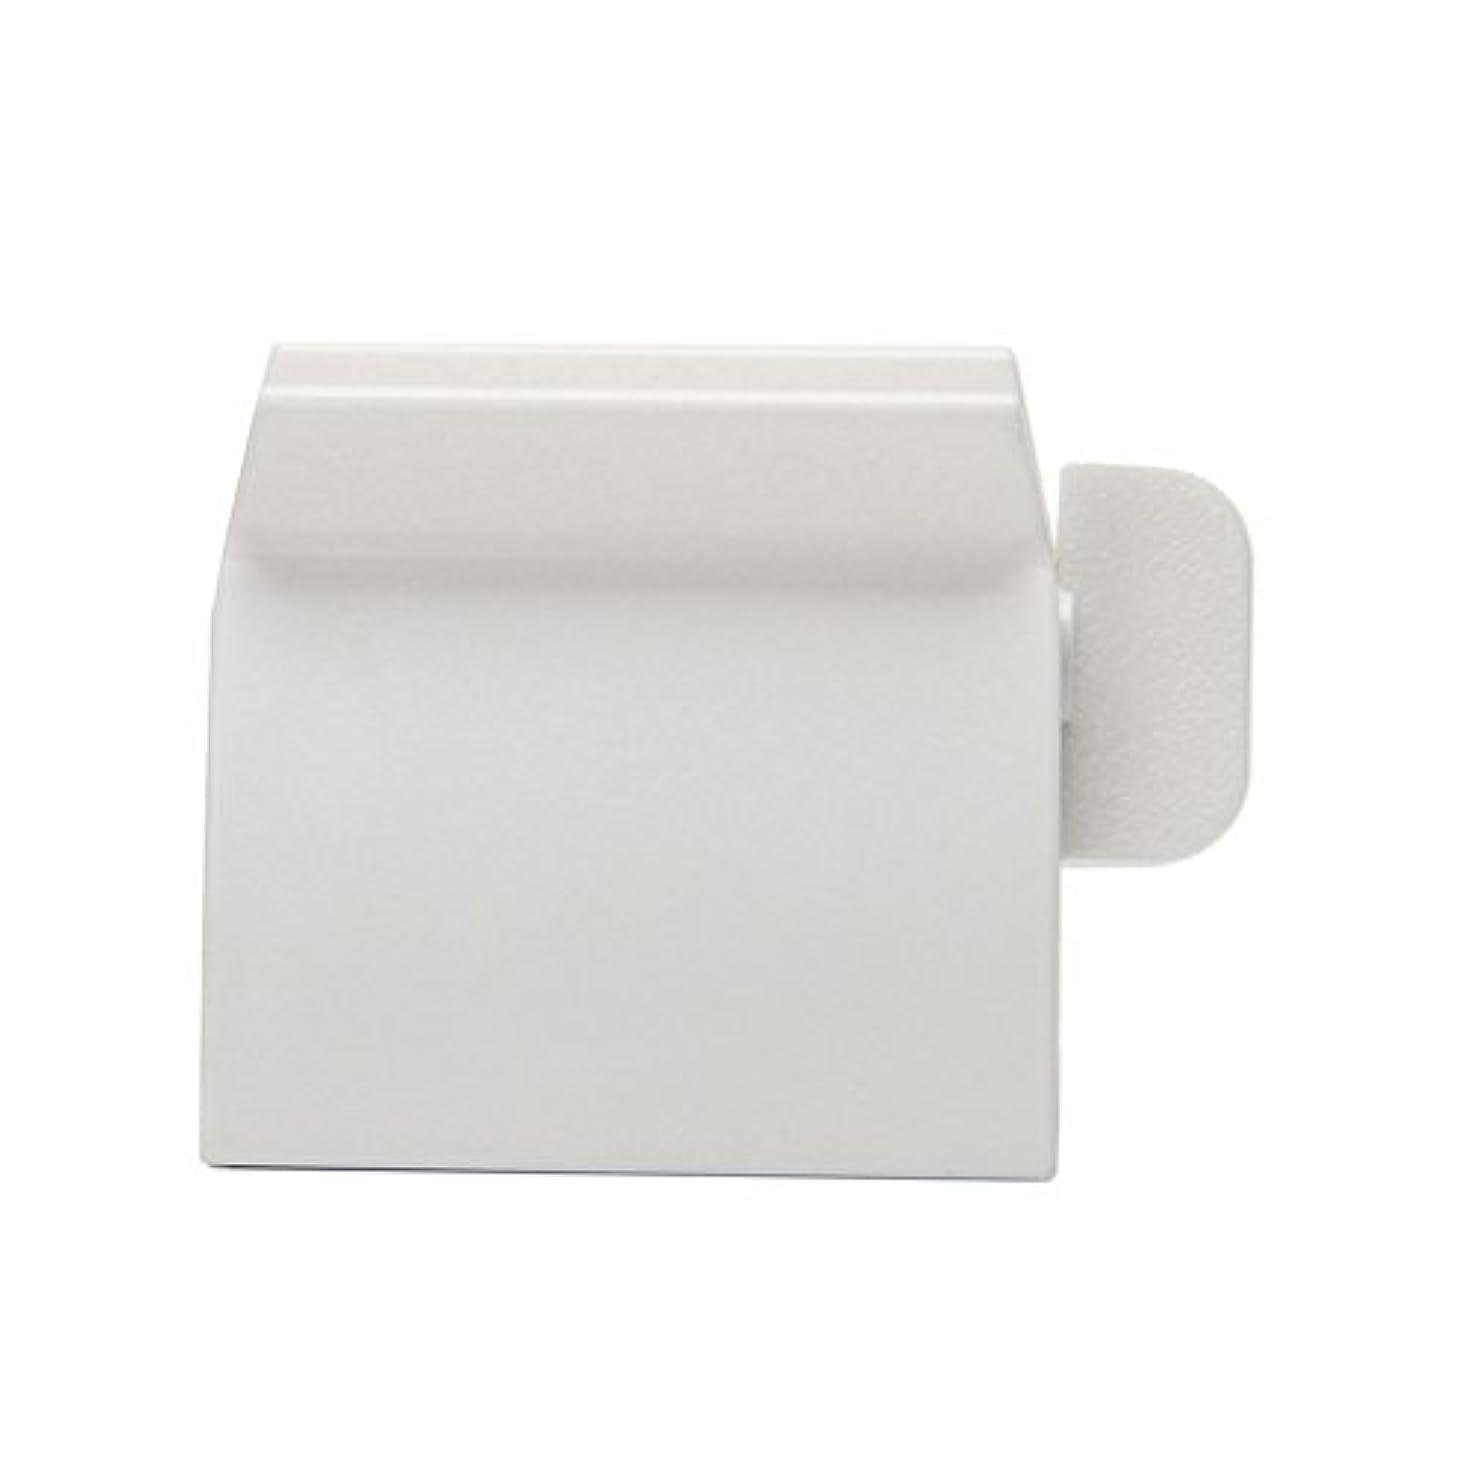 処分した教育頻繁にLamdoo浴室ホームチューブローリングホルダースクイーザ簡単歯磨き粉ディスペンサー